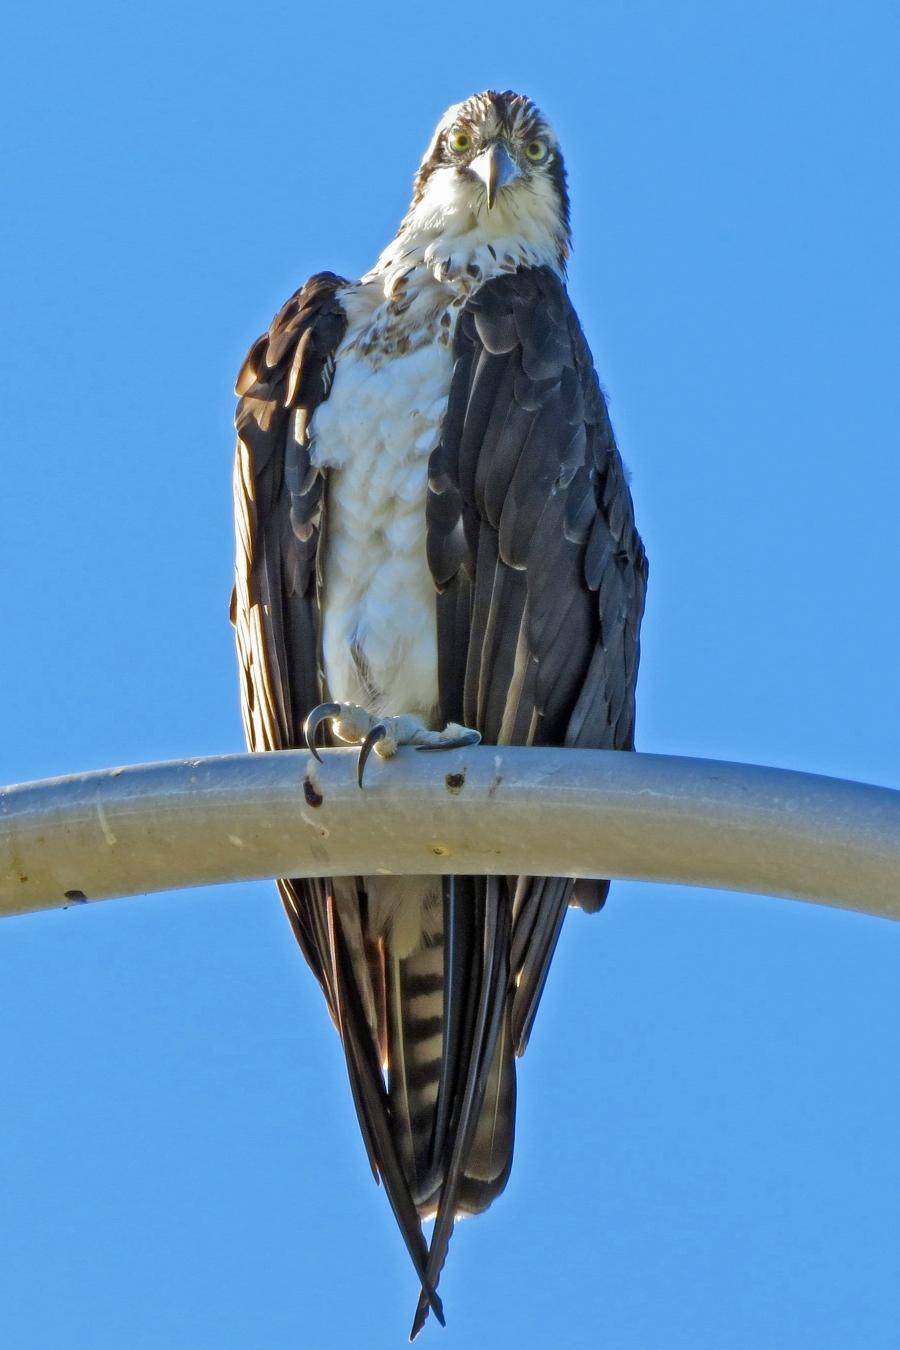 papa osprey sees tiny